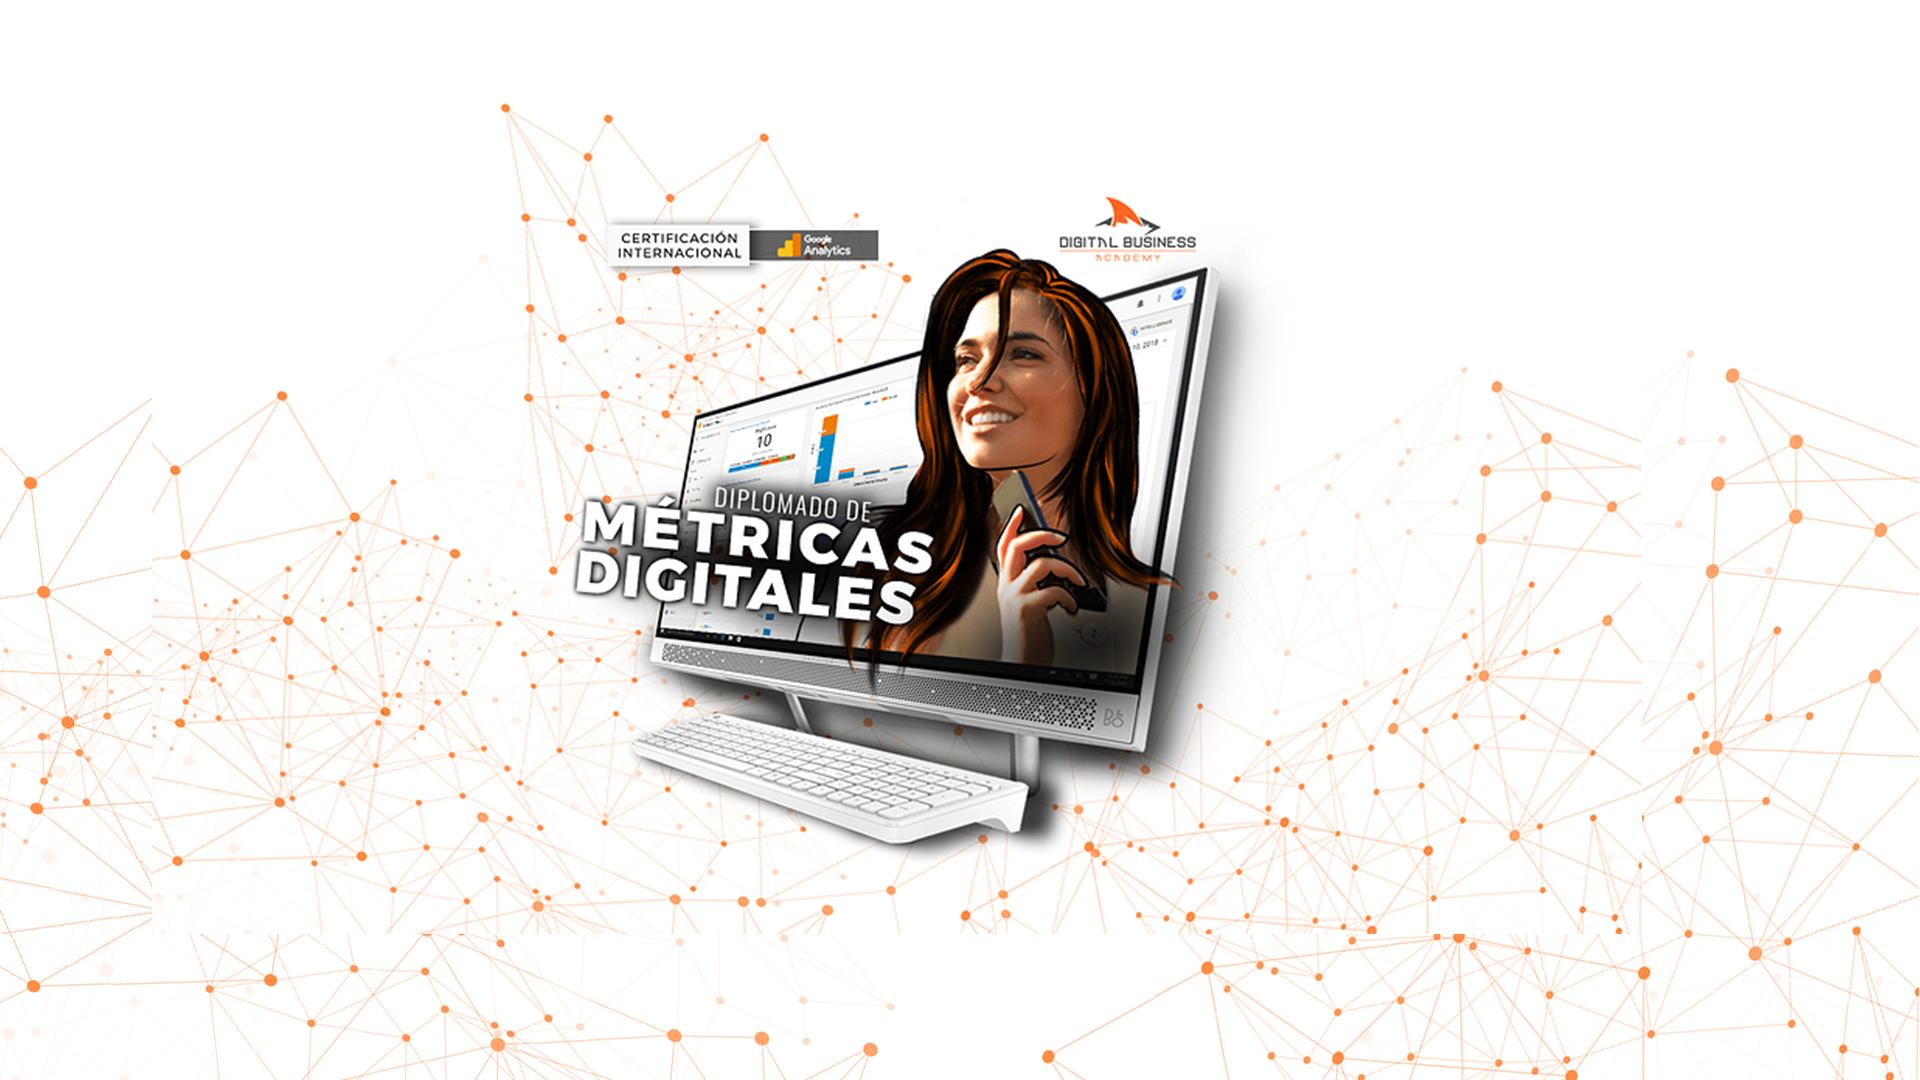 metricas-digitales-1